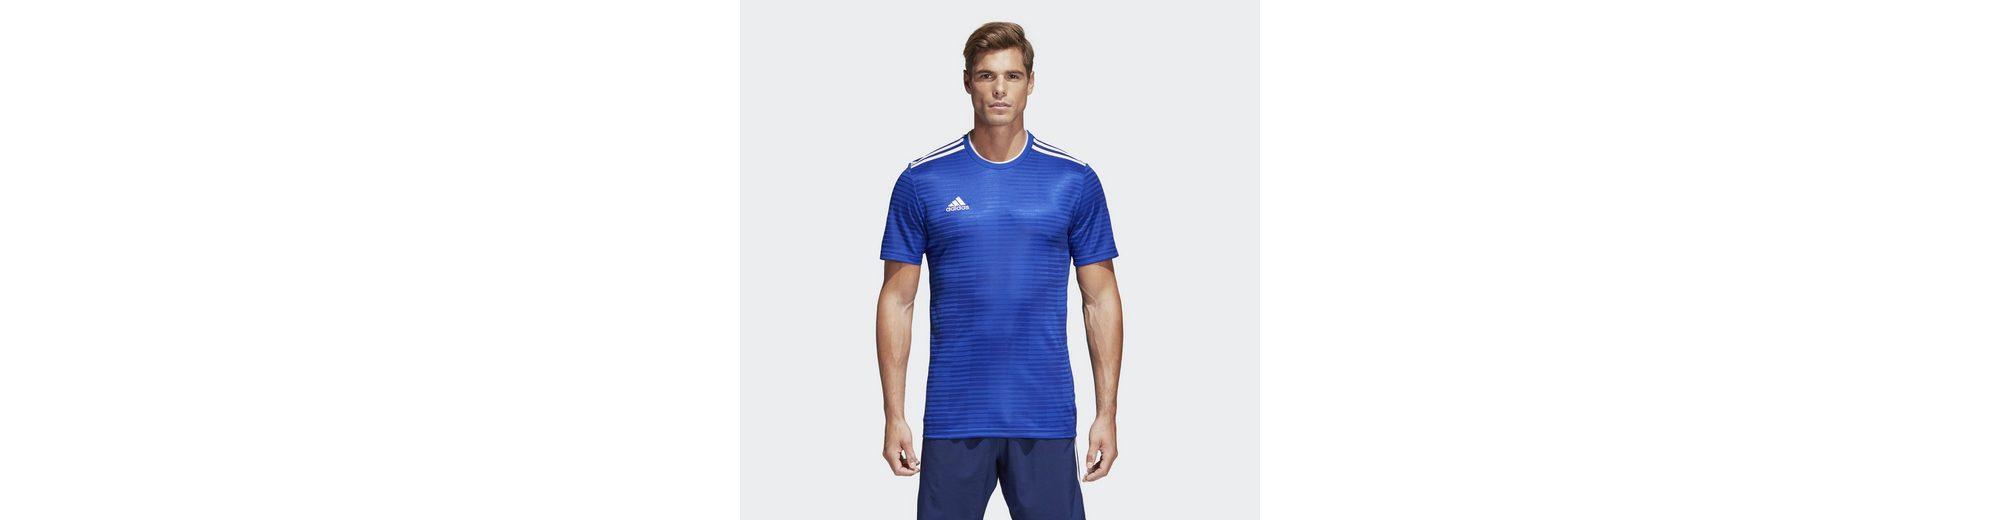 Äußerst 2018 Neue adidas Performance Footballtrikot Condivo 18 Trikot Billig Verkauf Kauf Ausgezeichnete Online mwZJwnOh